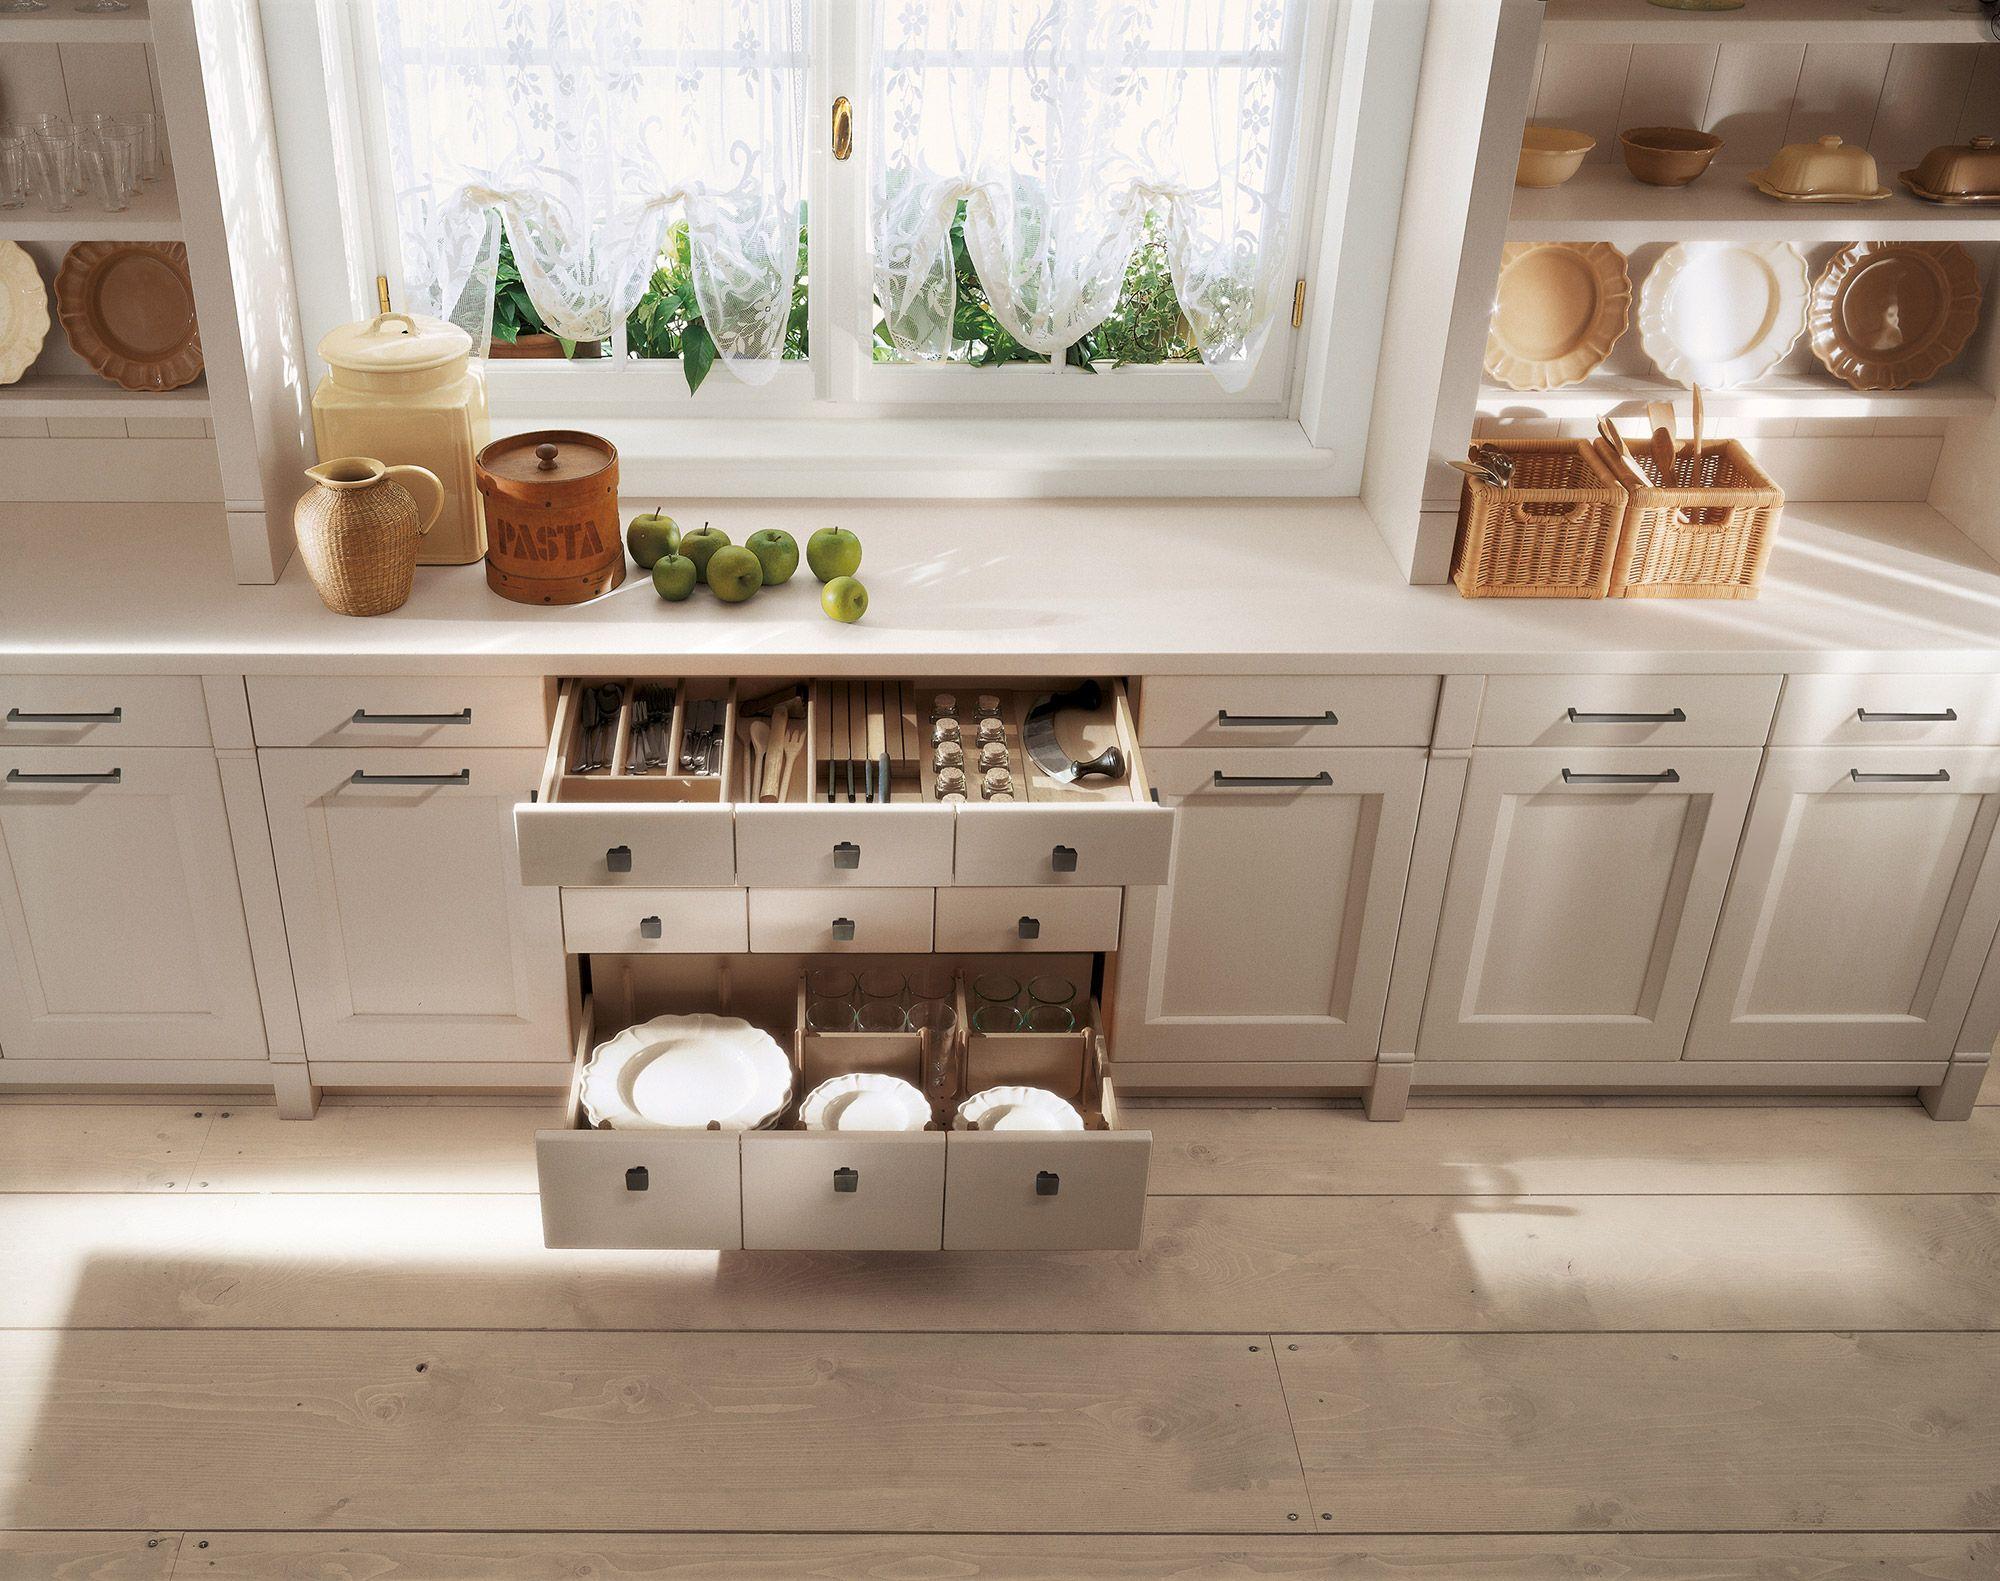 Minacciolo Camerette ~ English mood cucina in stile classico by minacciolo cucina